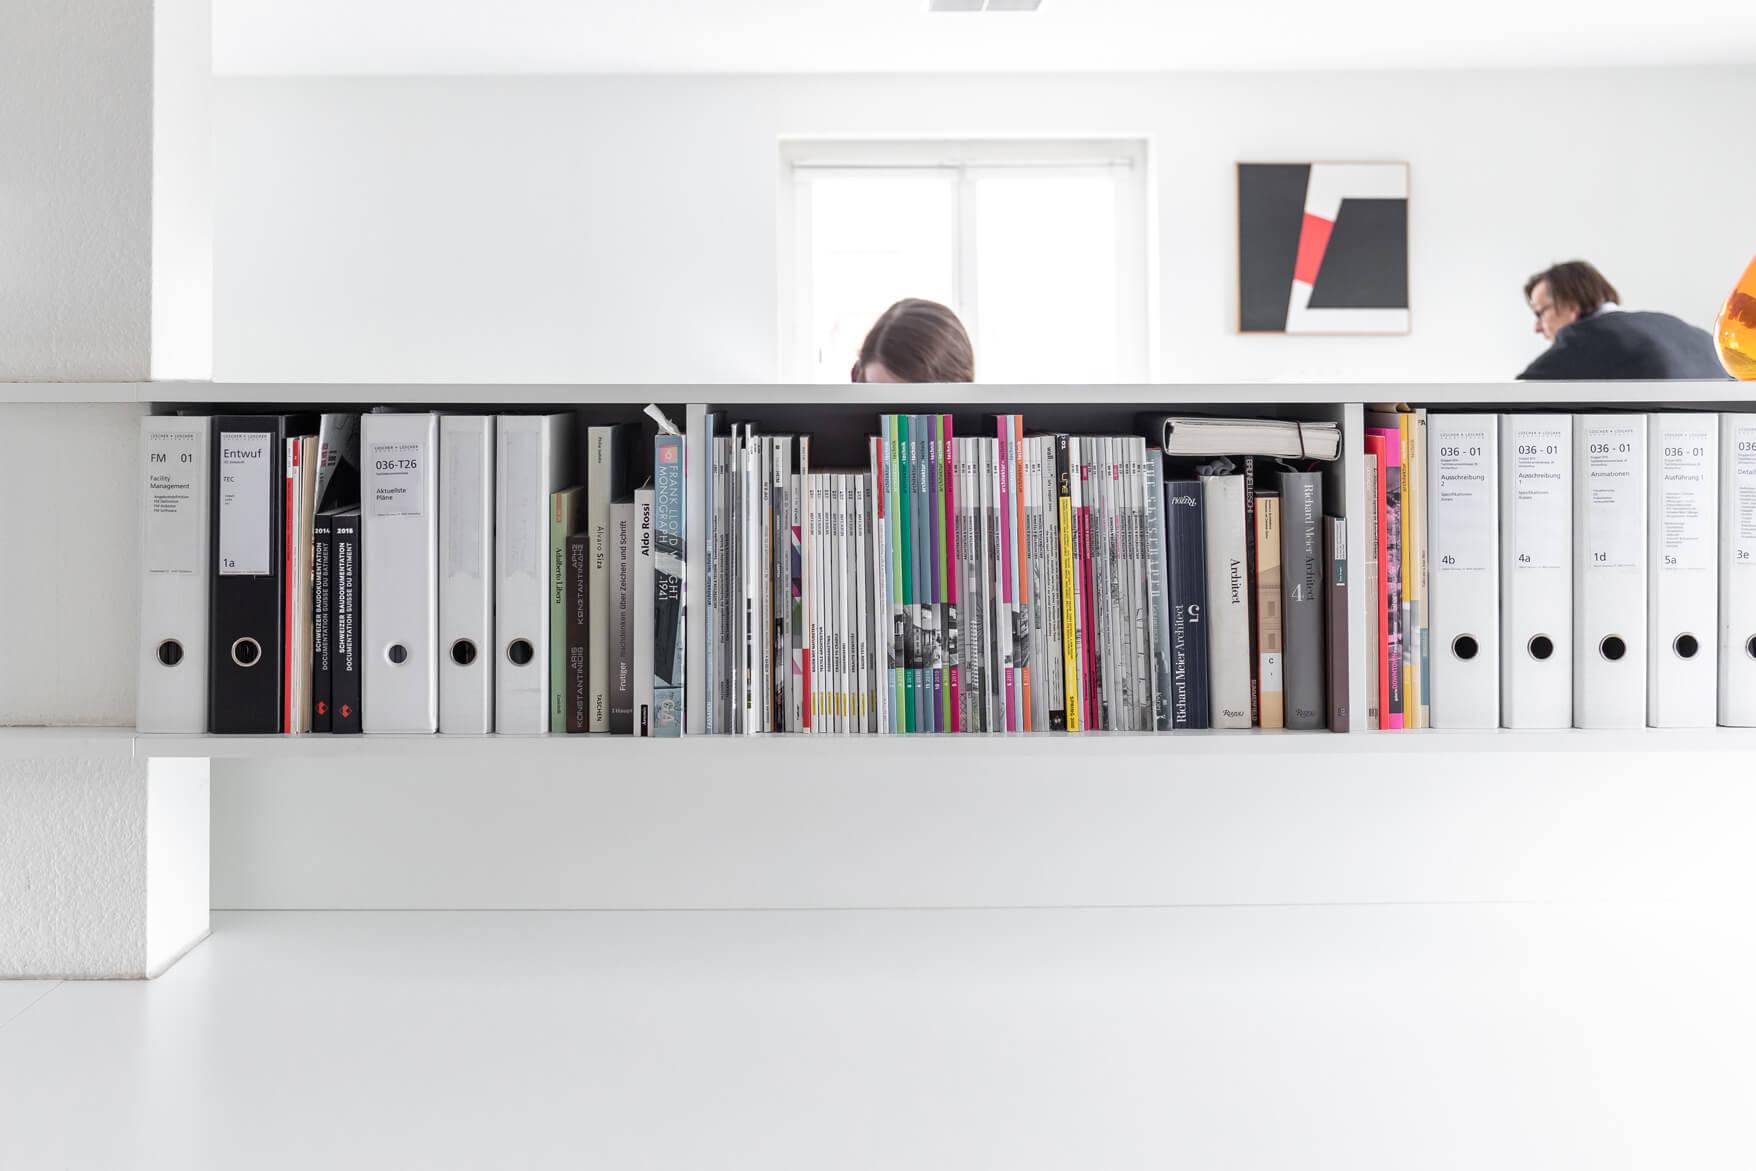 Das Büchergestell im Flur des Büros